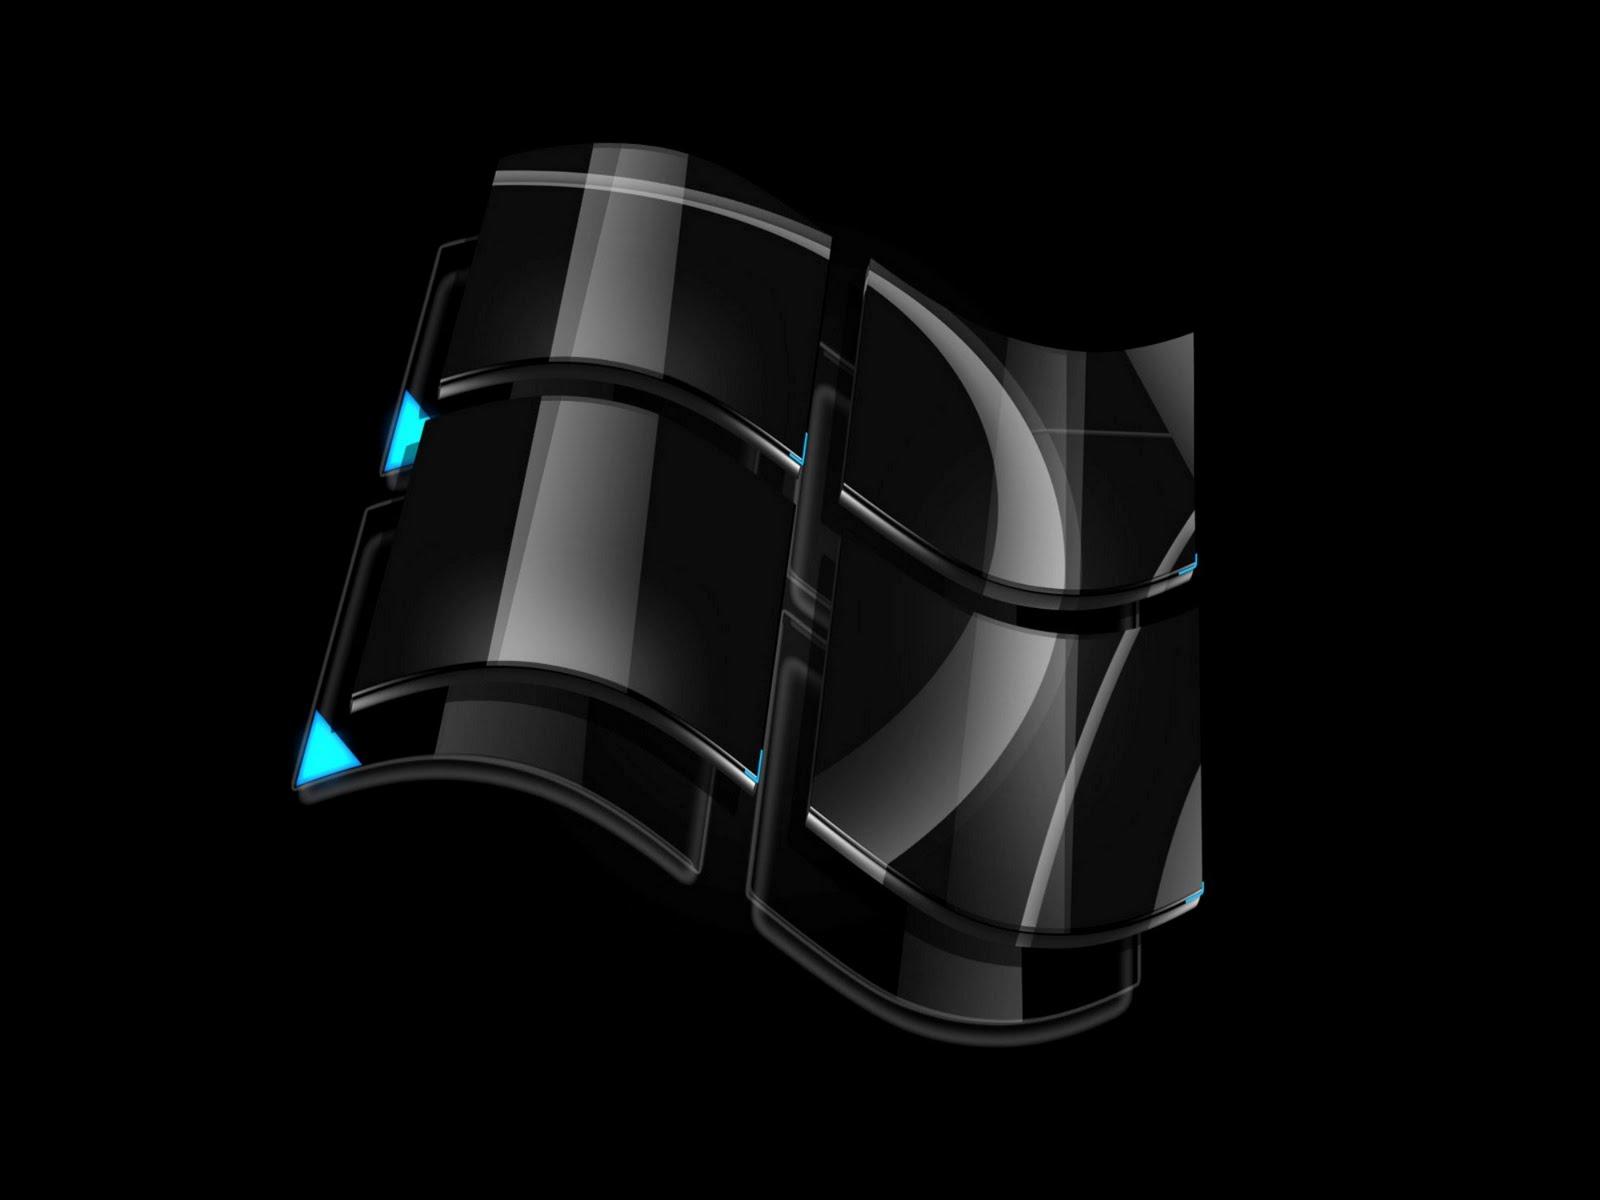 windows 10 desktop is black 12 cool hd wallpaper